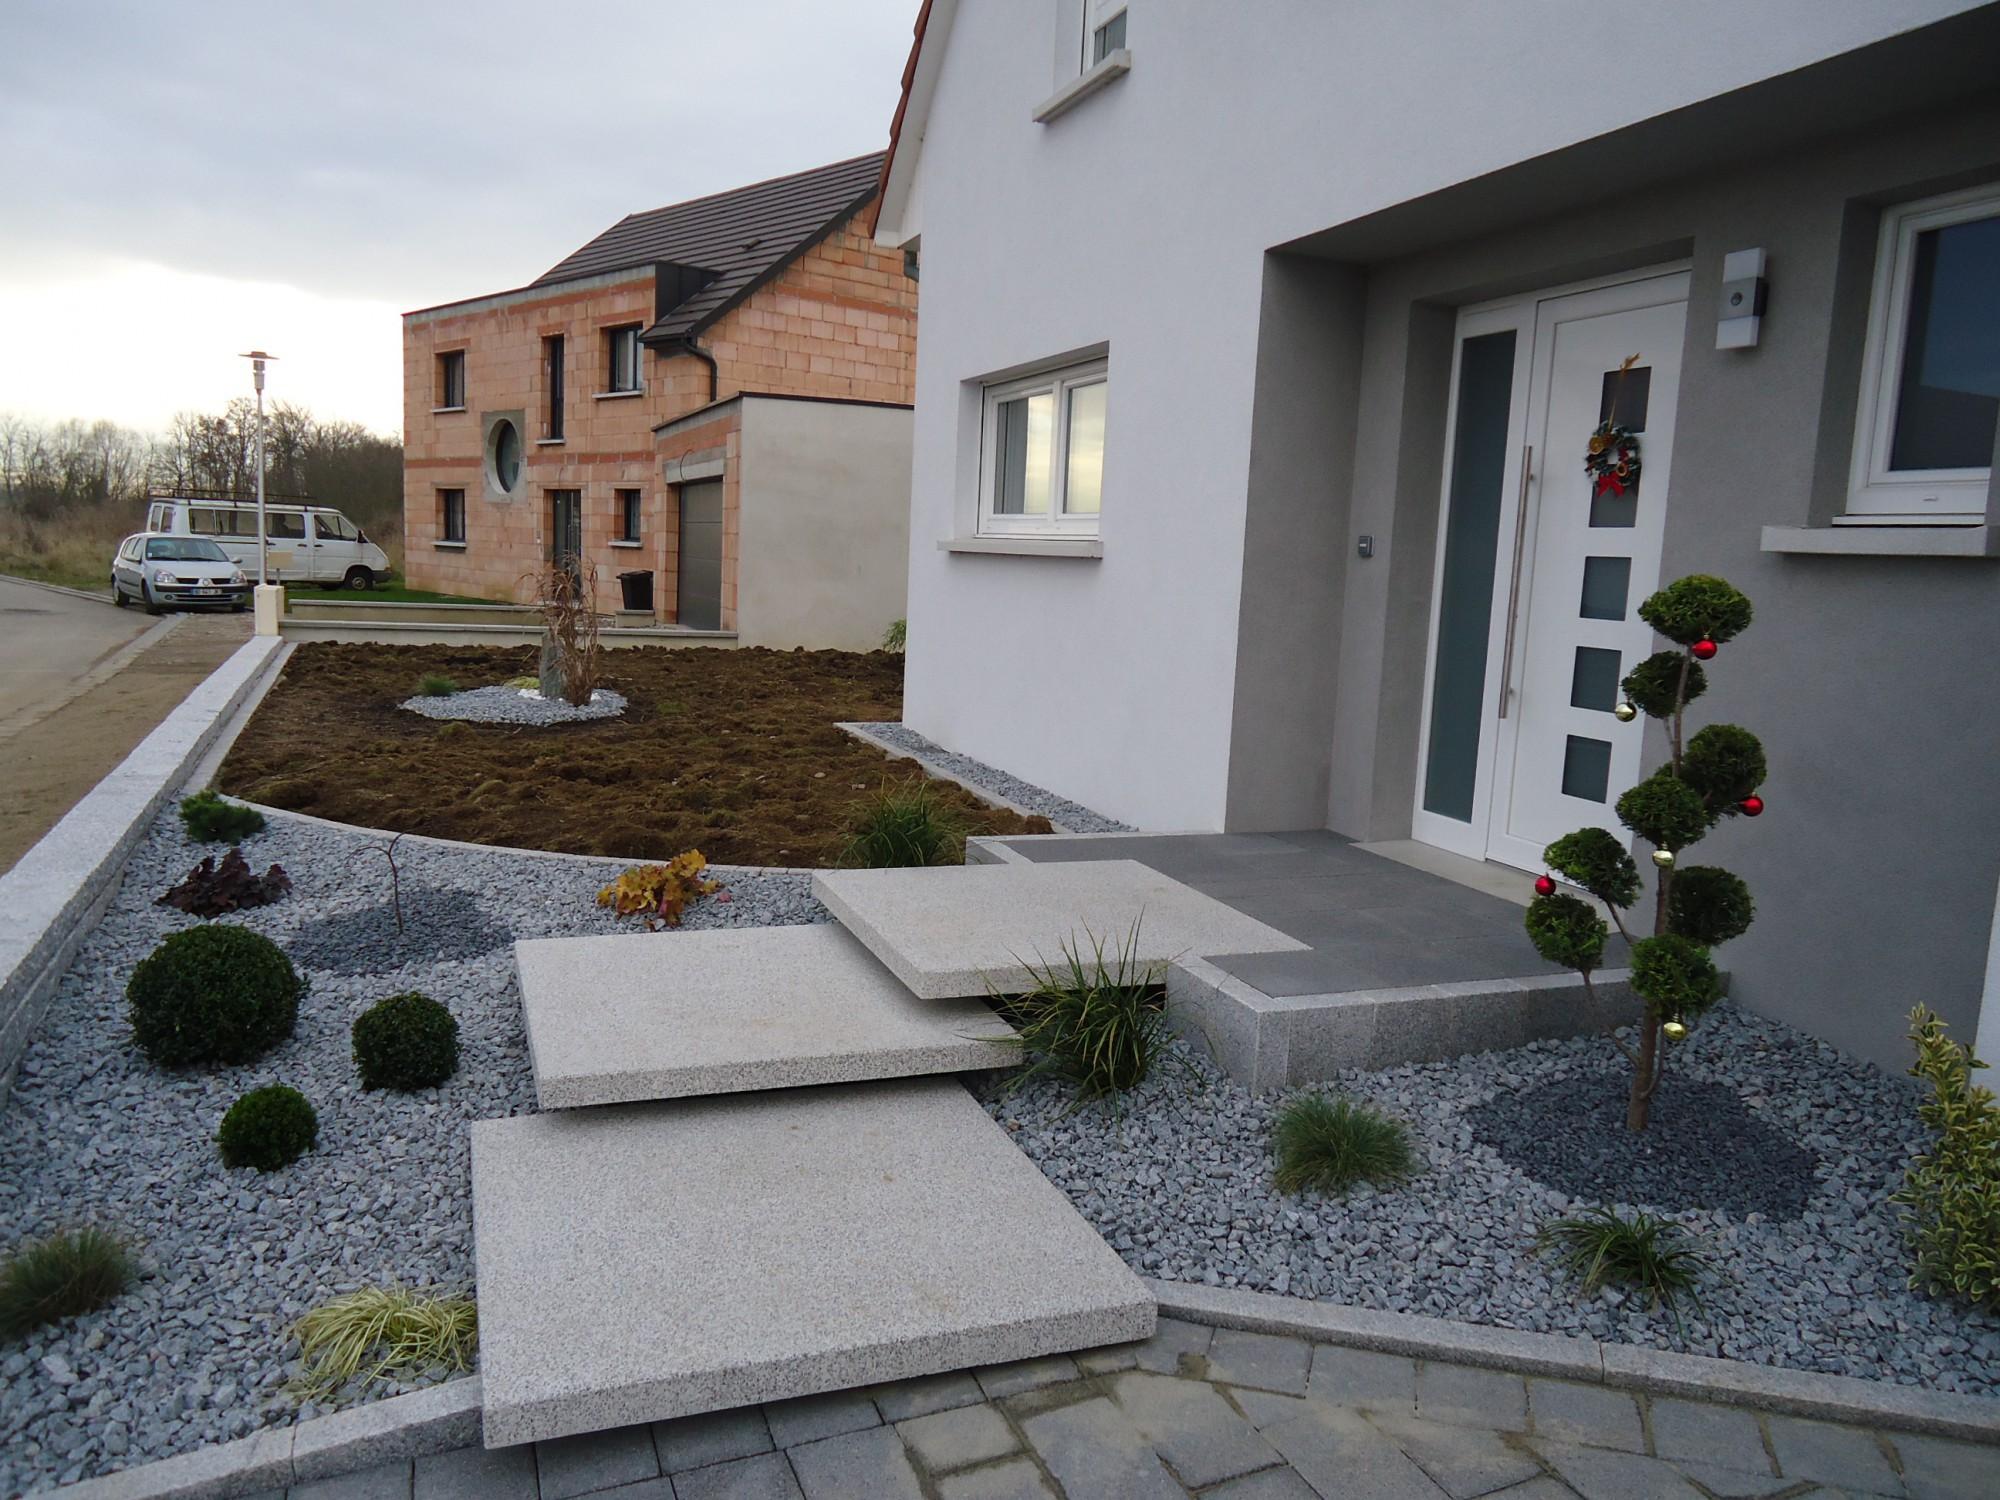 Aménagement Entrée Maison Extérieur escalier paysager entrée maison - lehmann